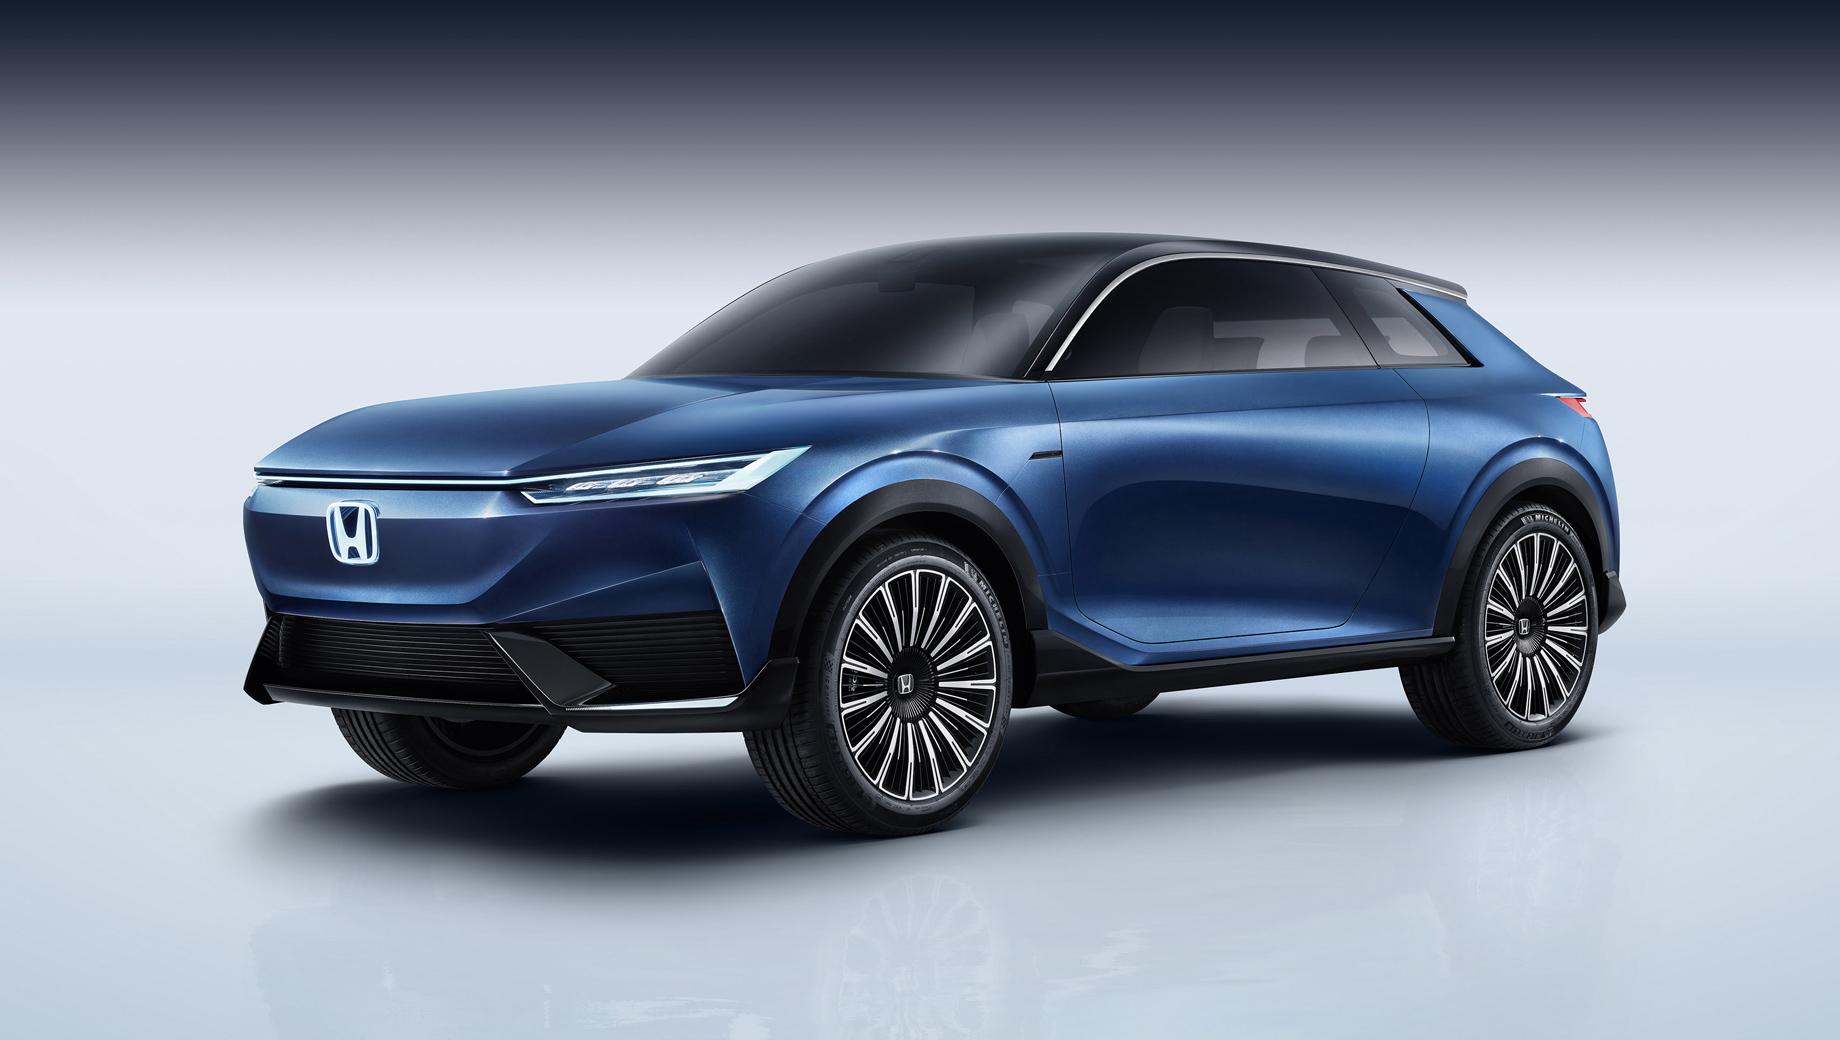 Honda suv e,Honda cr-v,Honda ve-1. Не раскрывая детальных параметров, компания рассуждает о футуристическом и технологичном языке дизайна «One Touch of the Future» («Одно касание будущего»). За экстерьер и салон шоу-кара отвечало китайское отделение Хонды, причём проект был отдан молодёжи.